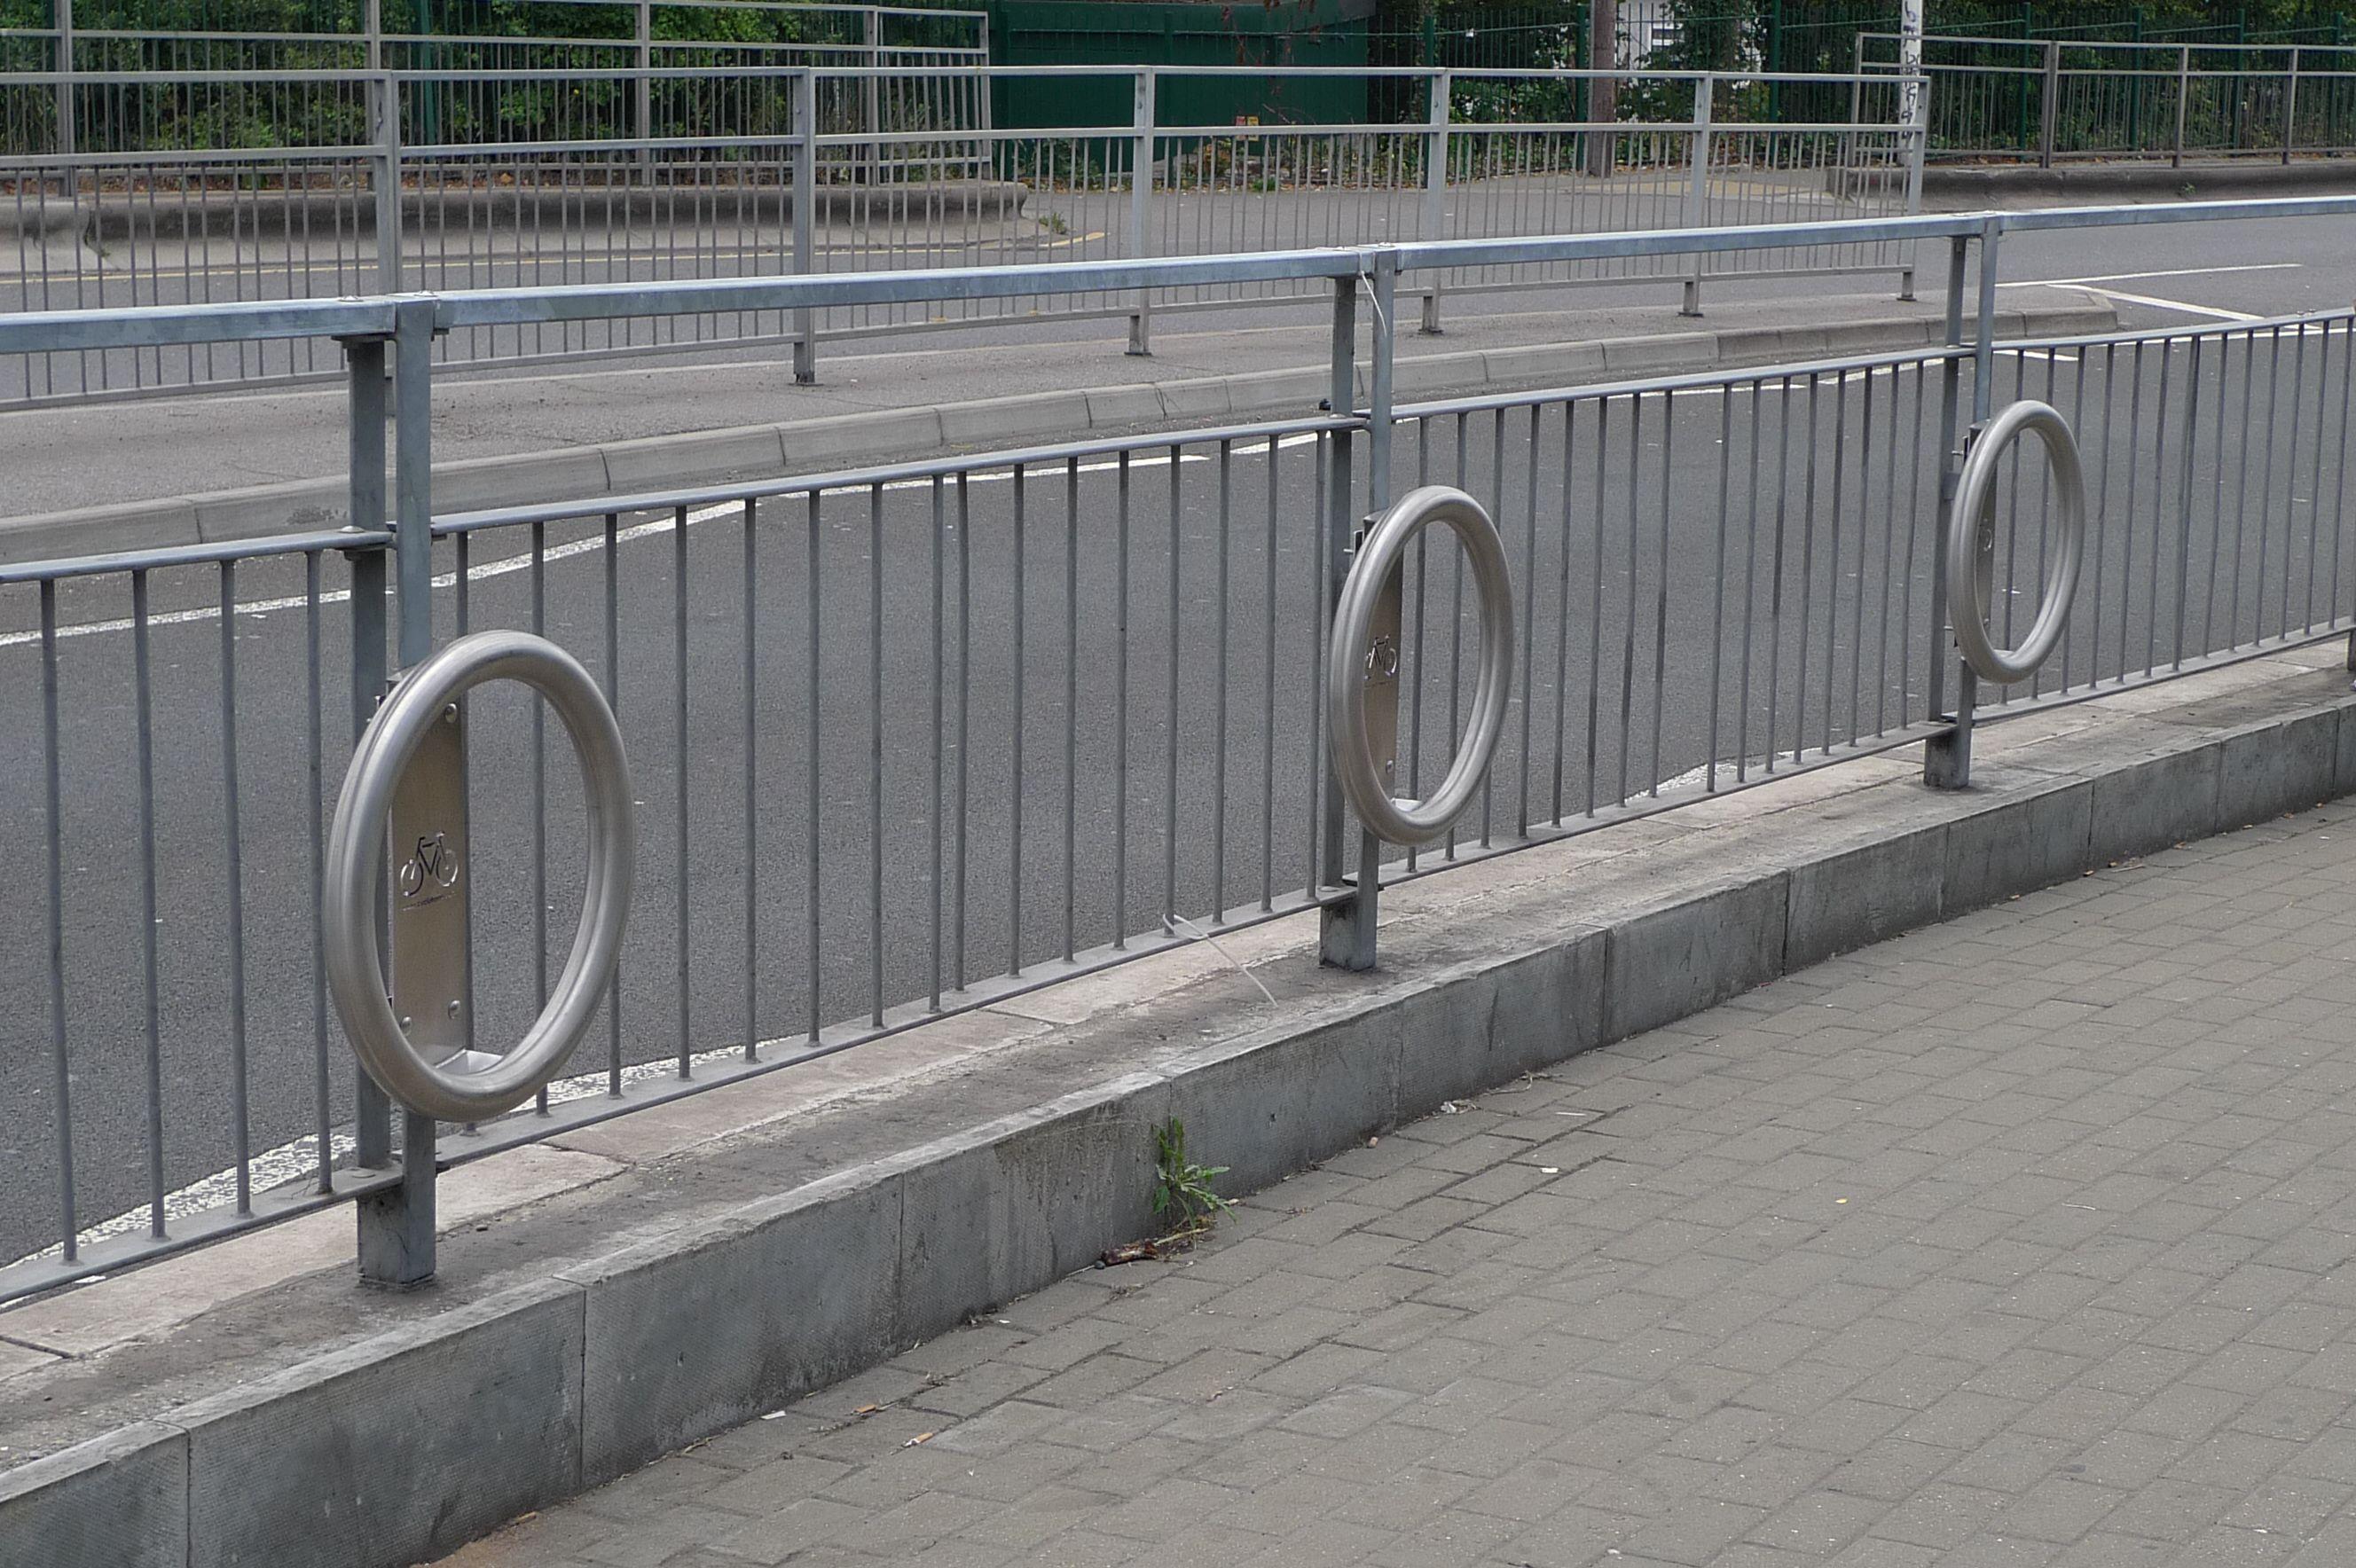 cyclehoop railing